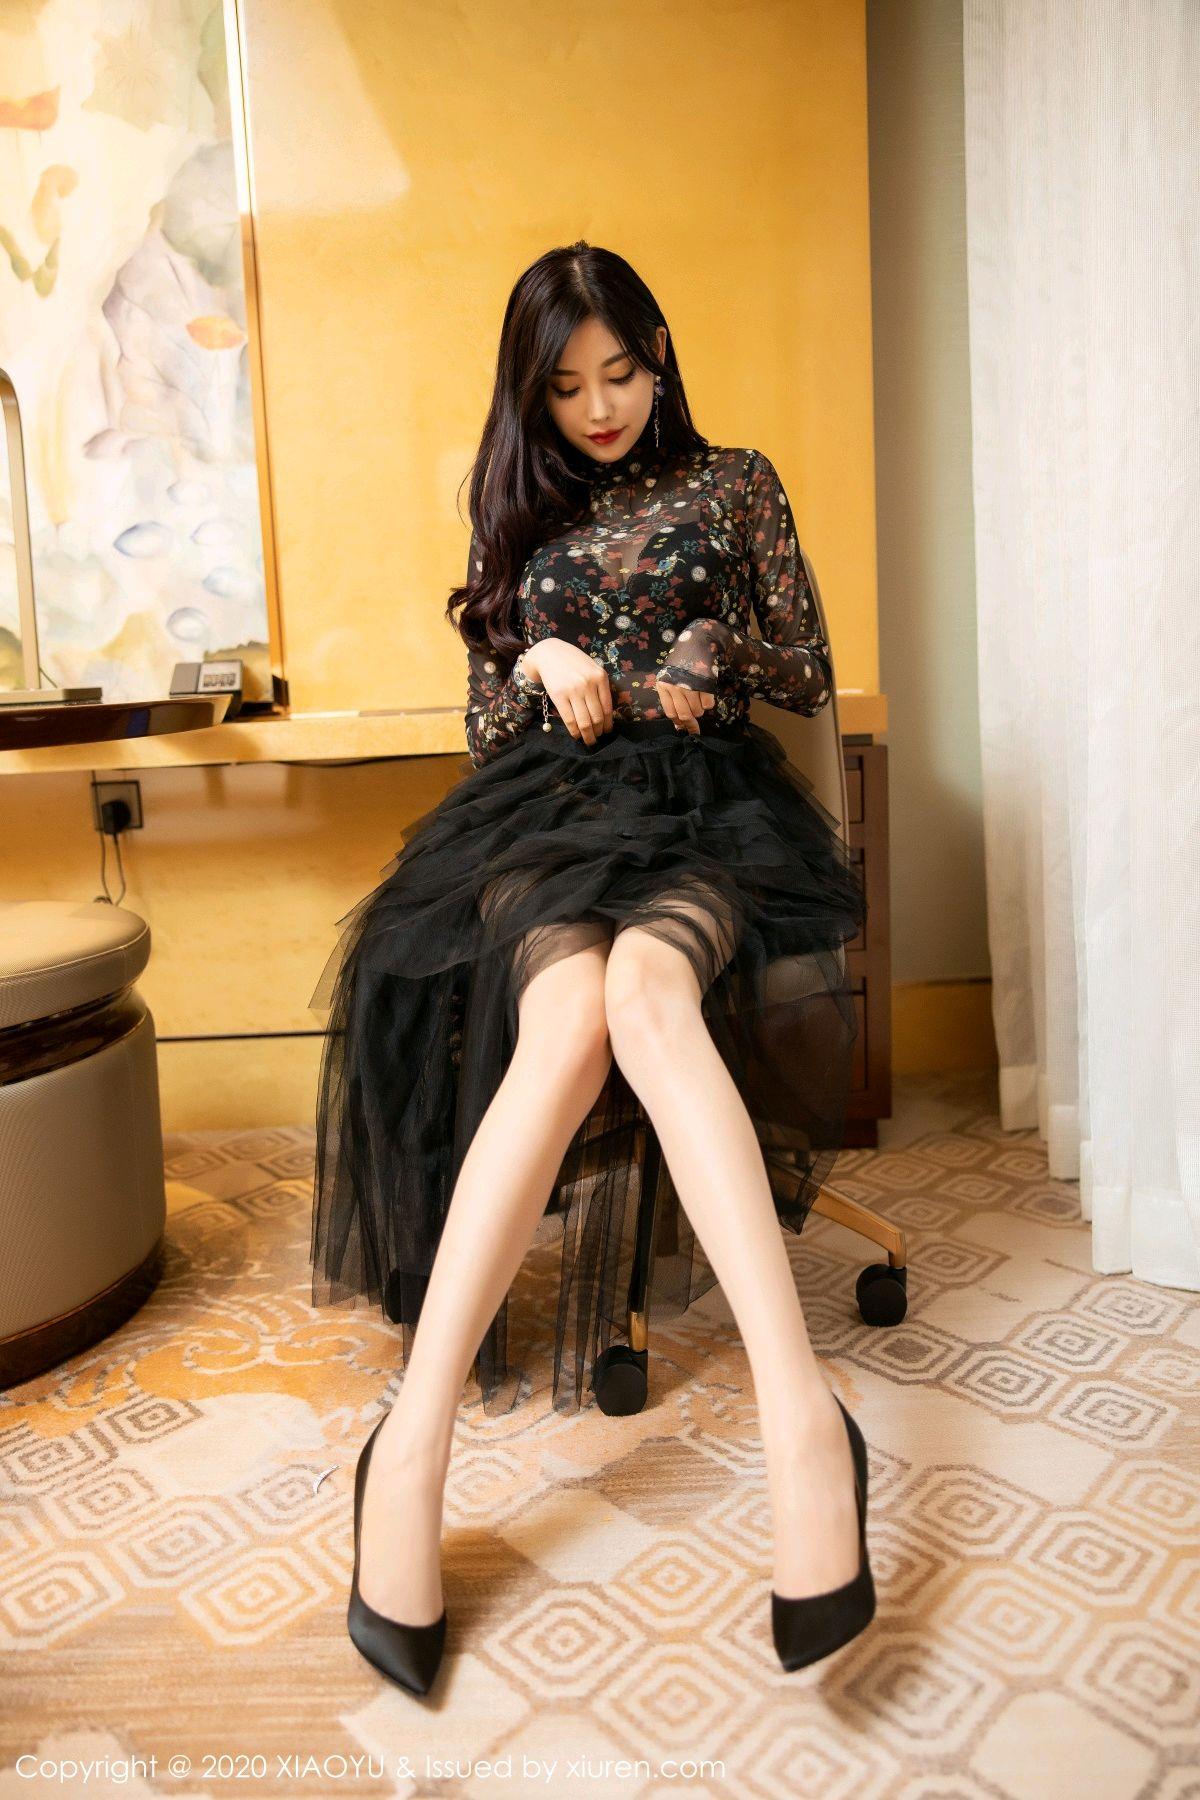 [XiaoYu] Vol.289 Yang Chen Chen 22P, Underwear, XiaoYu, Yang Chen Chen